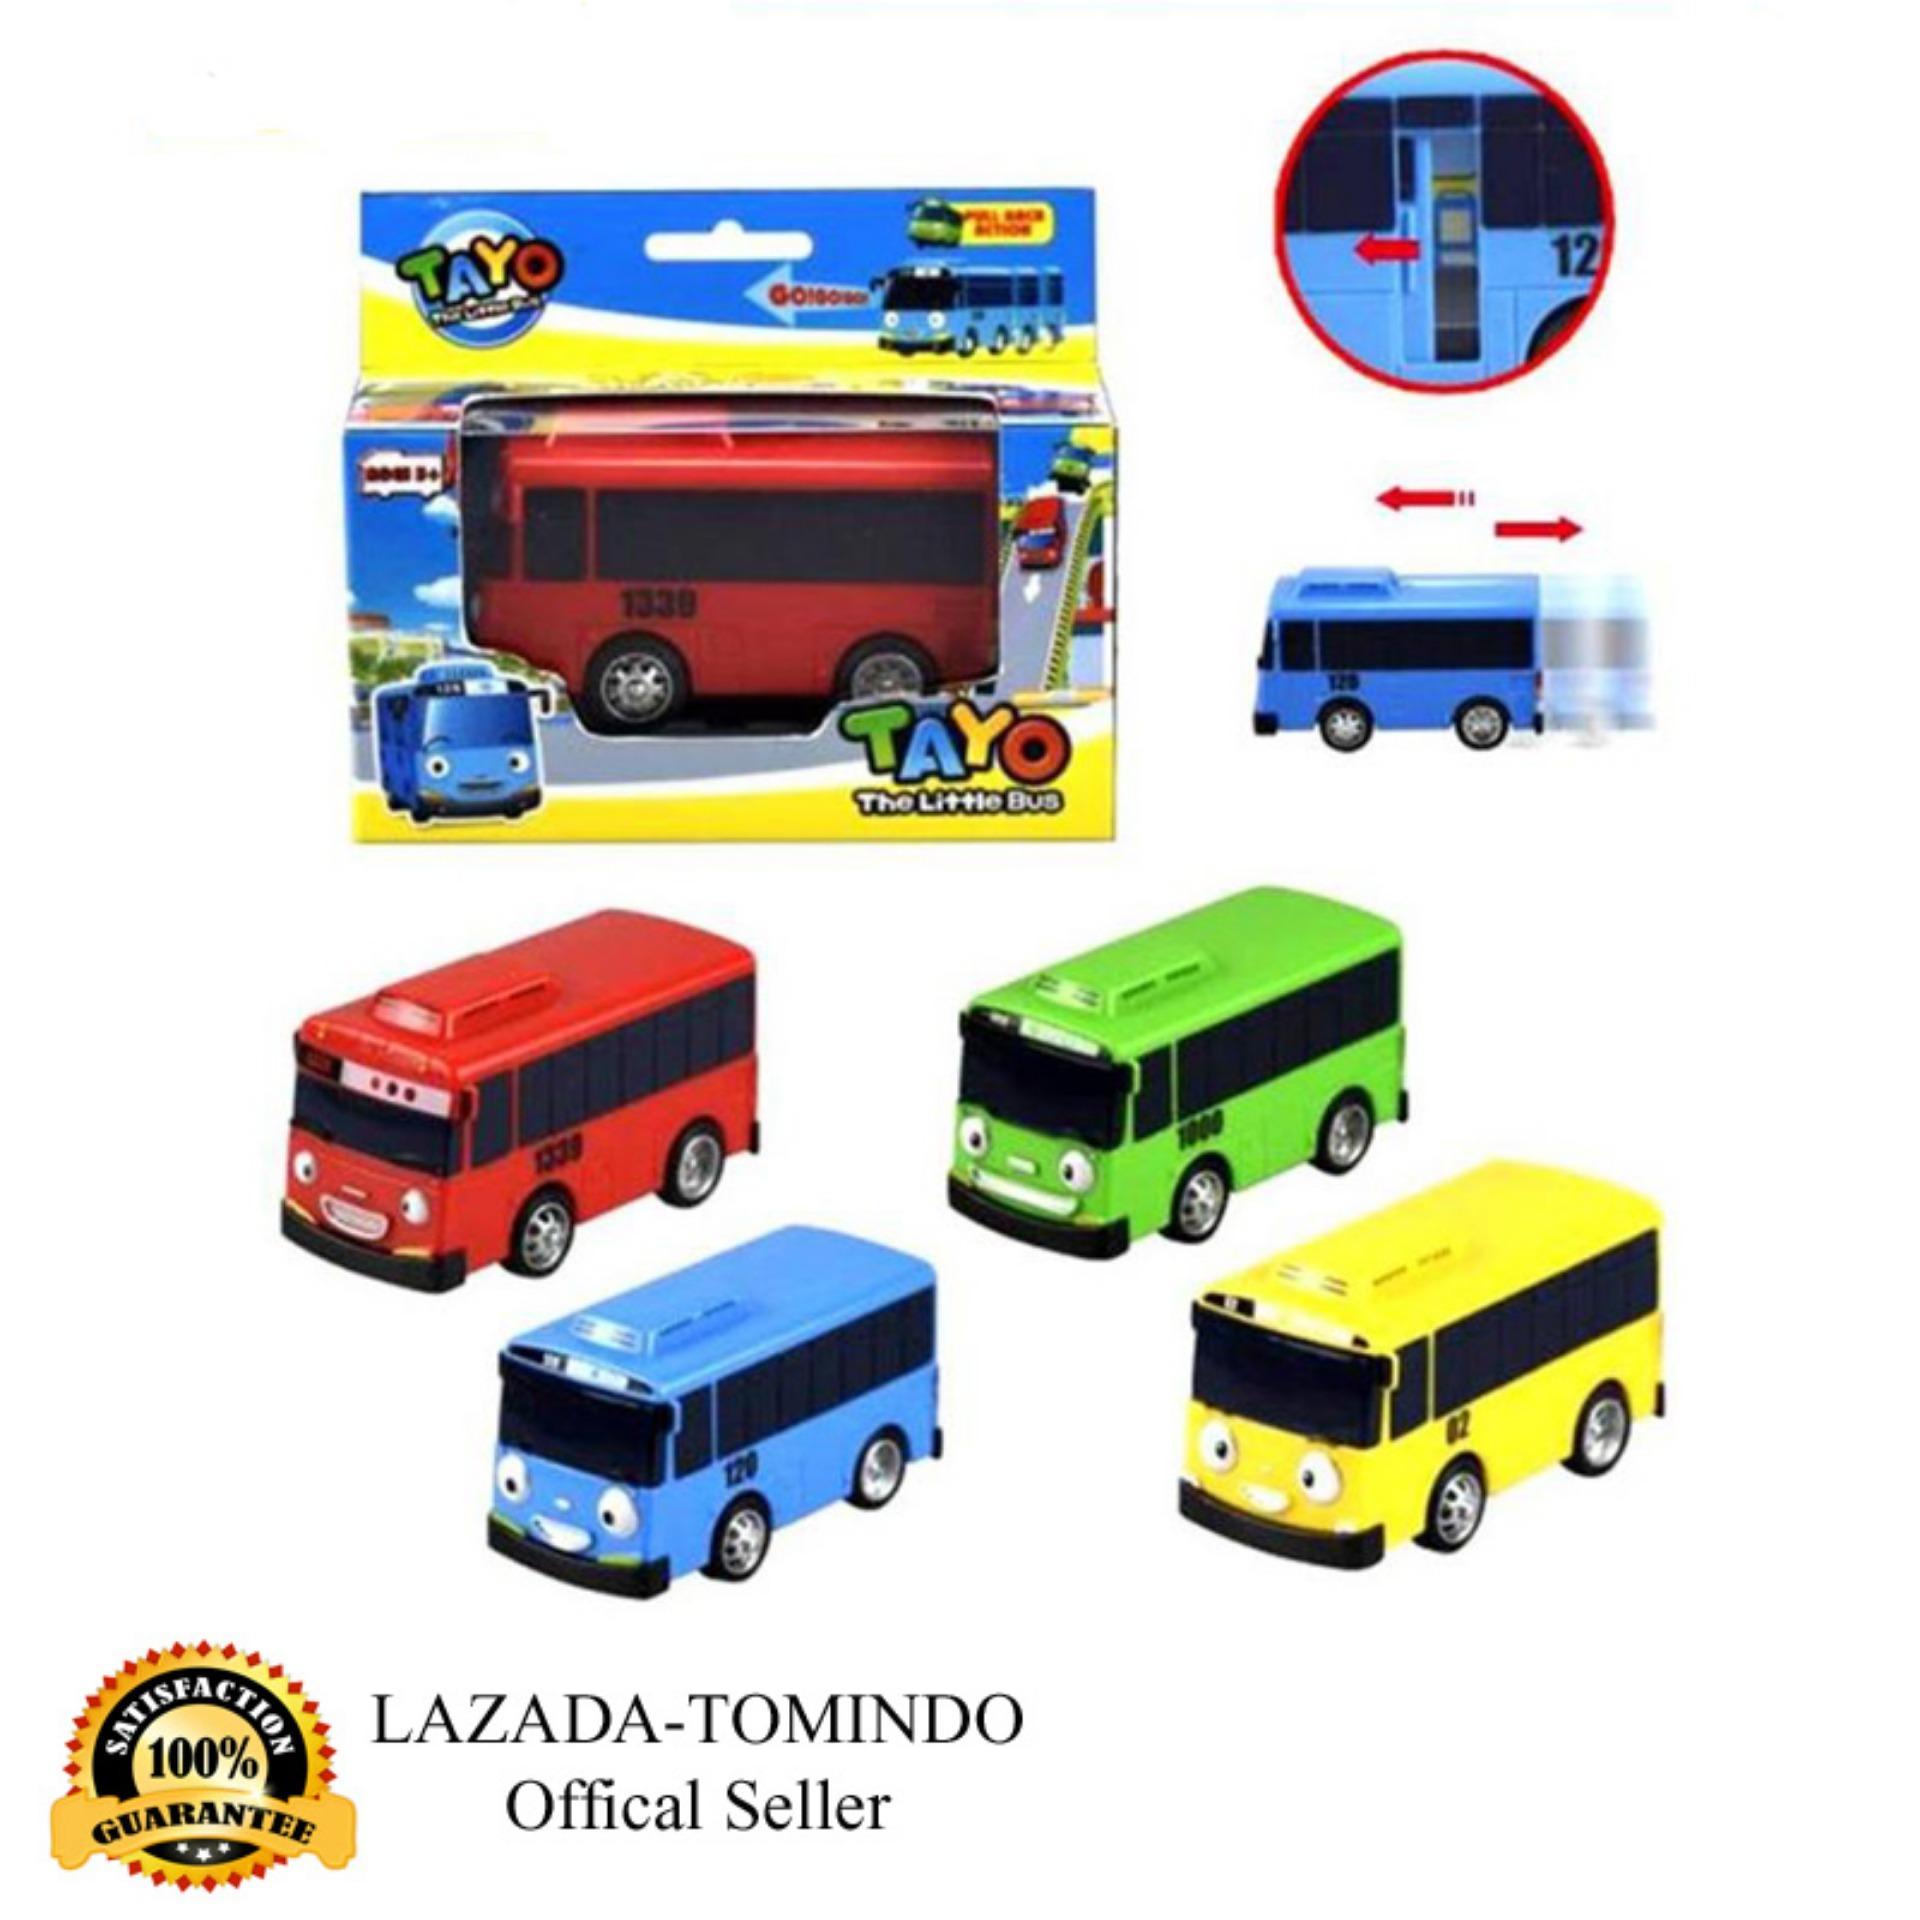 Tomindo Toys Tayo The Little Bus 1 set 4 pcs Paking Dus Per Pcs